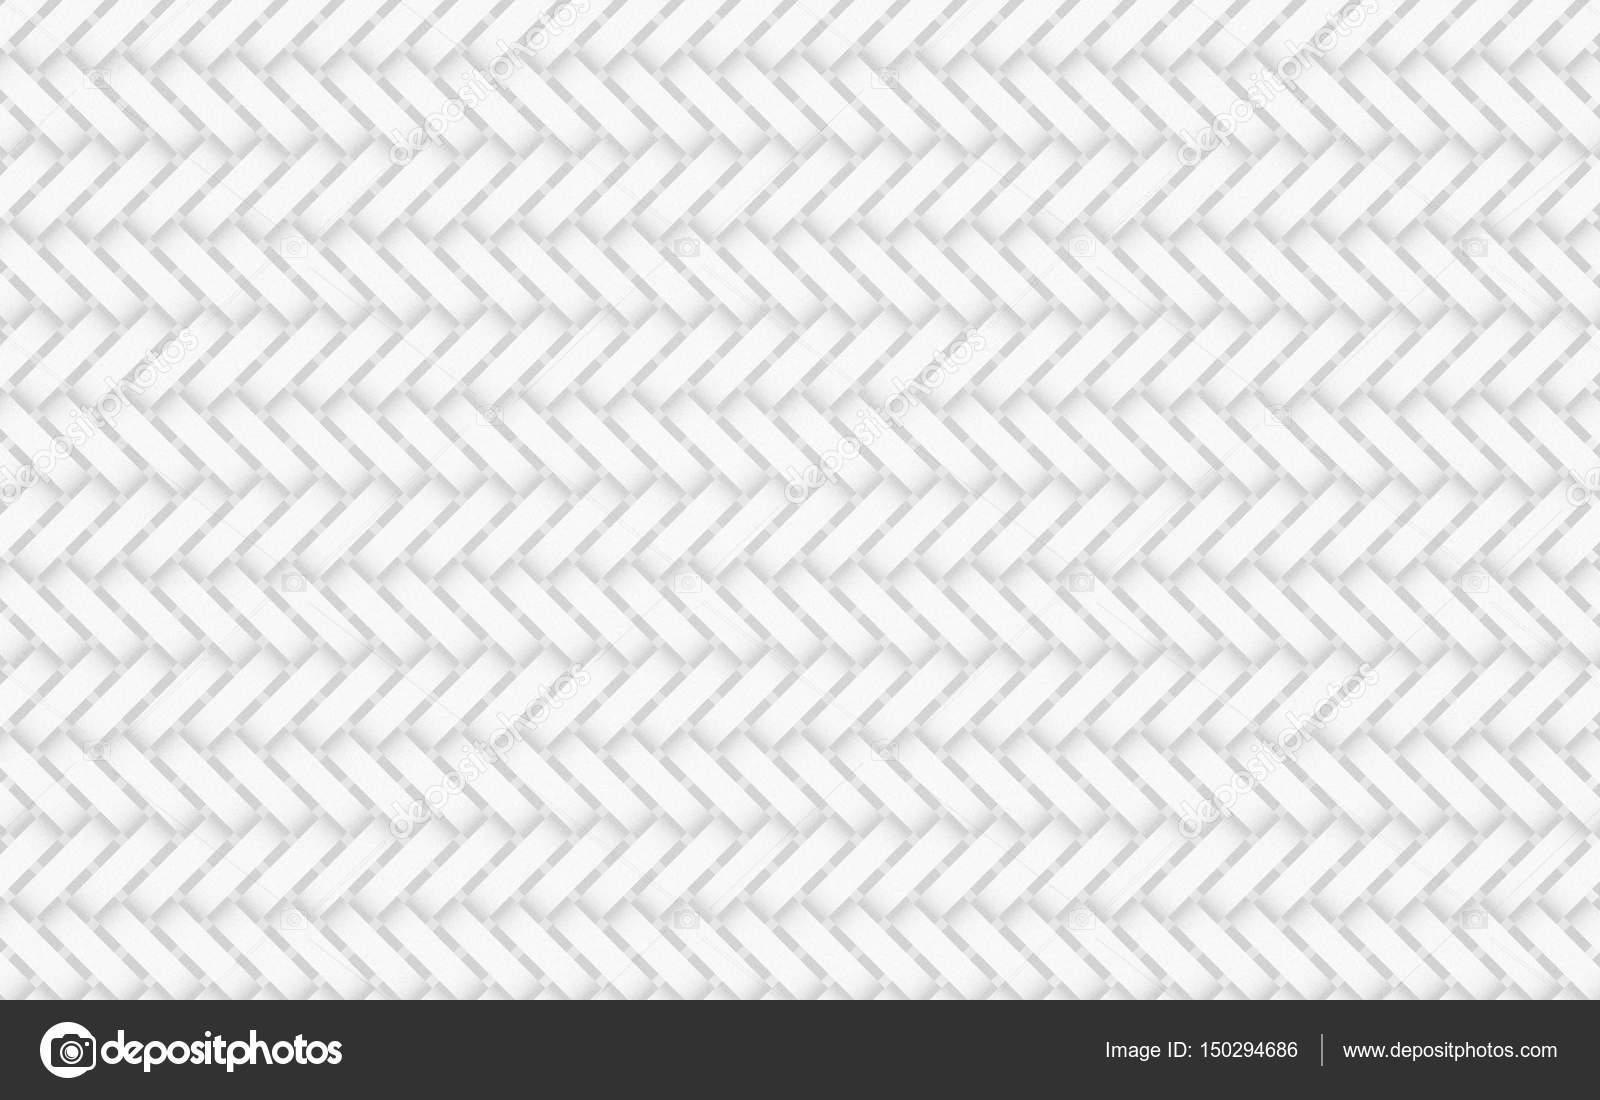 Abstrakte Metall weben Textur auf horizontalen und weißen Muster bac ...